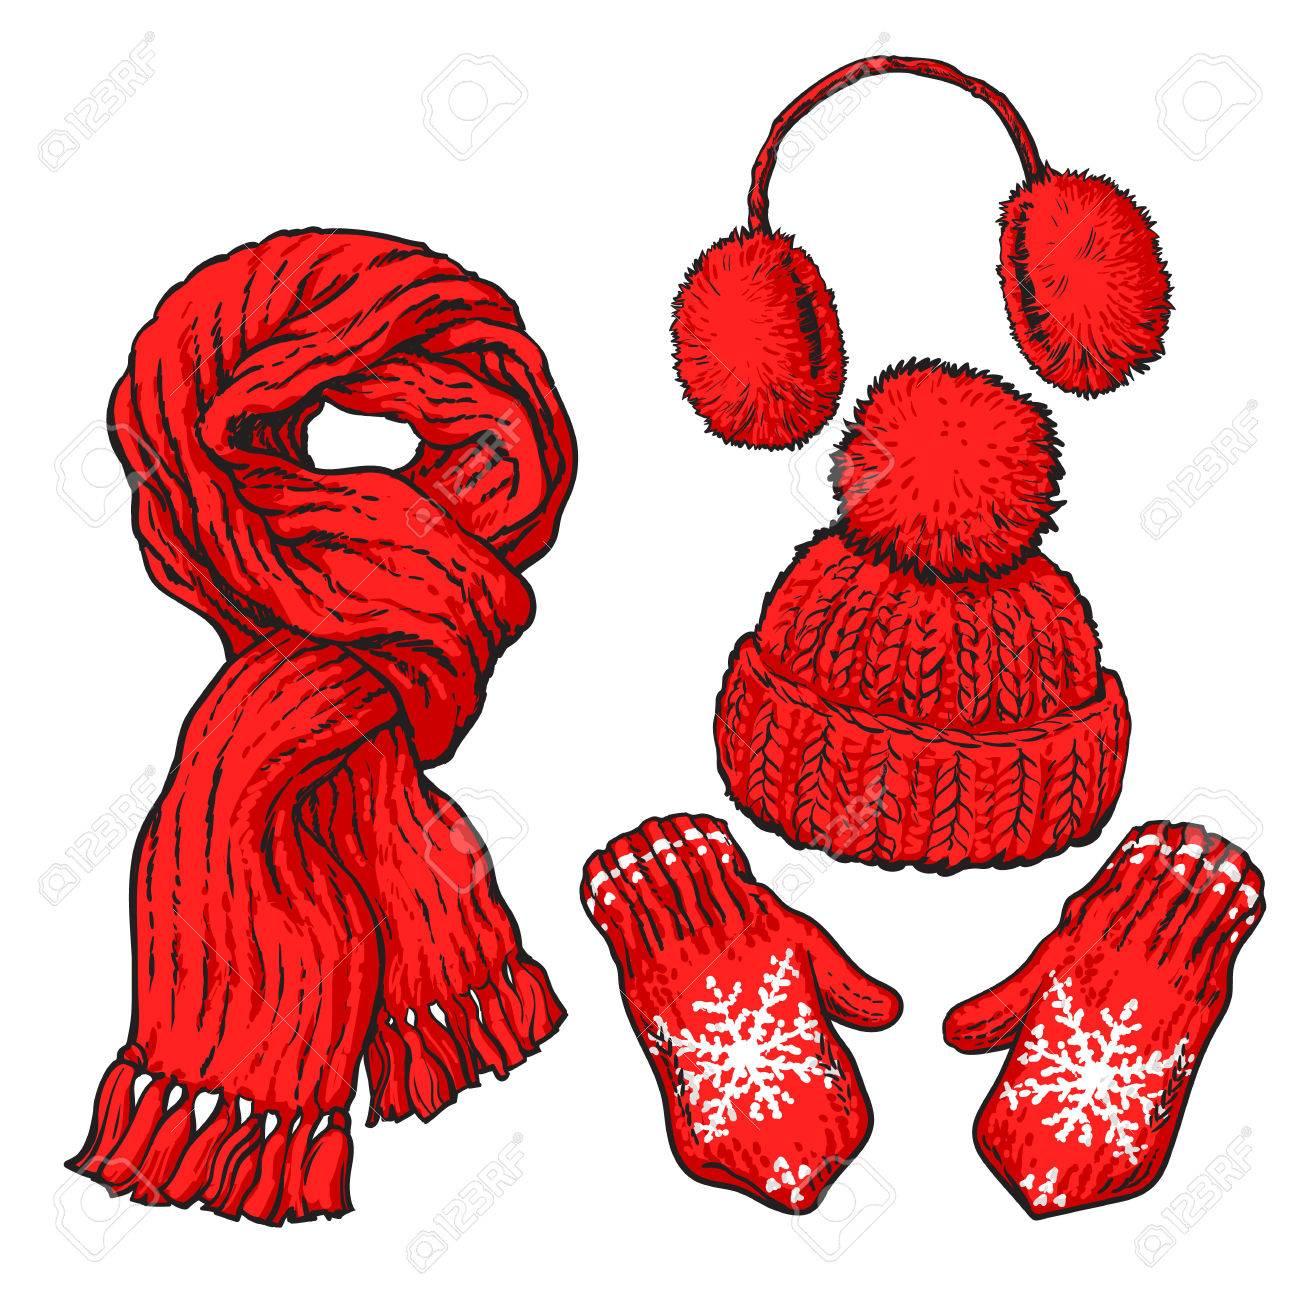 明るい赤のセット結び目マフラー帽子耳あてミトン白い背景で隔離